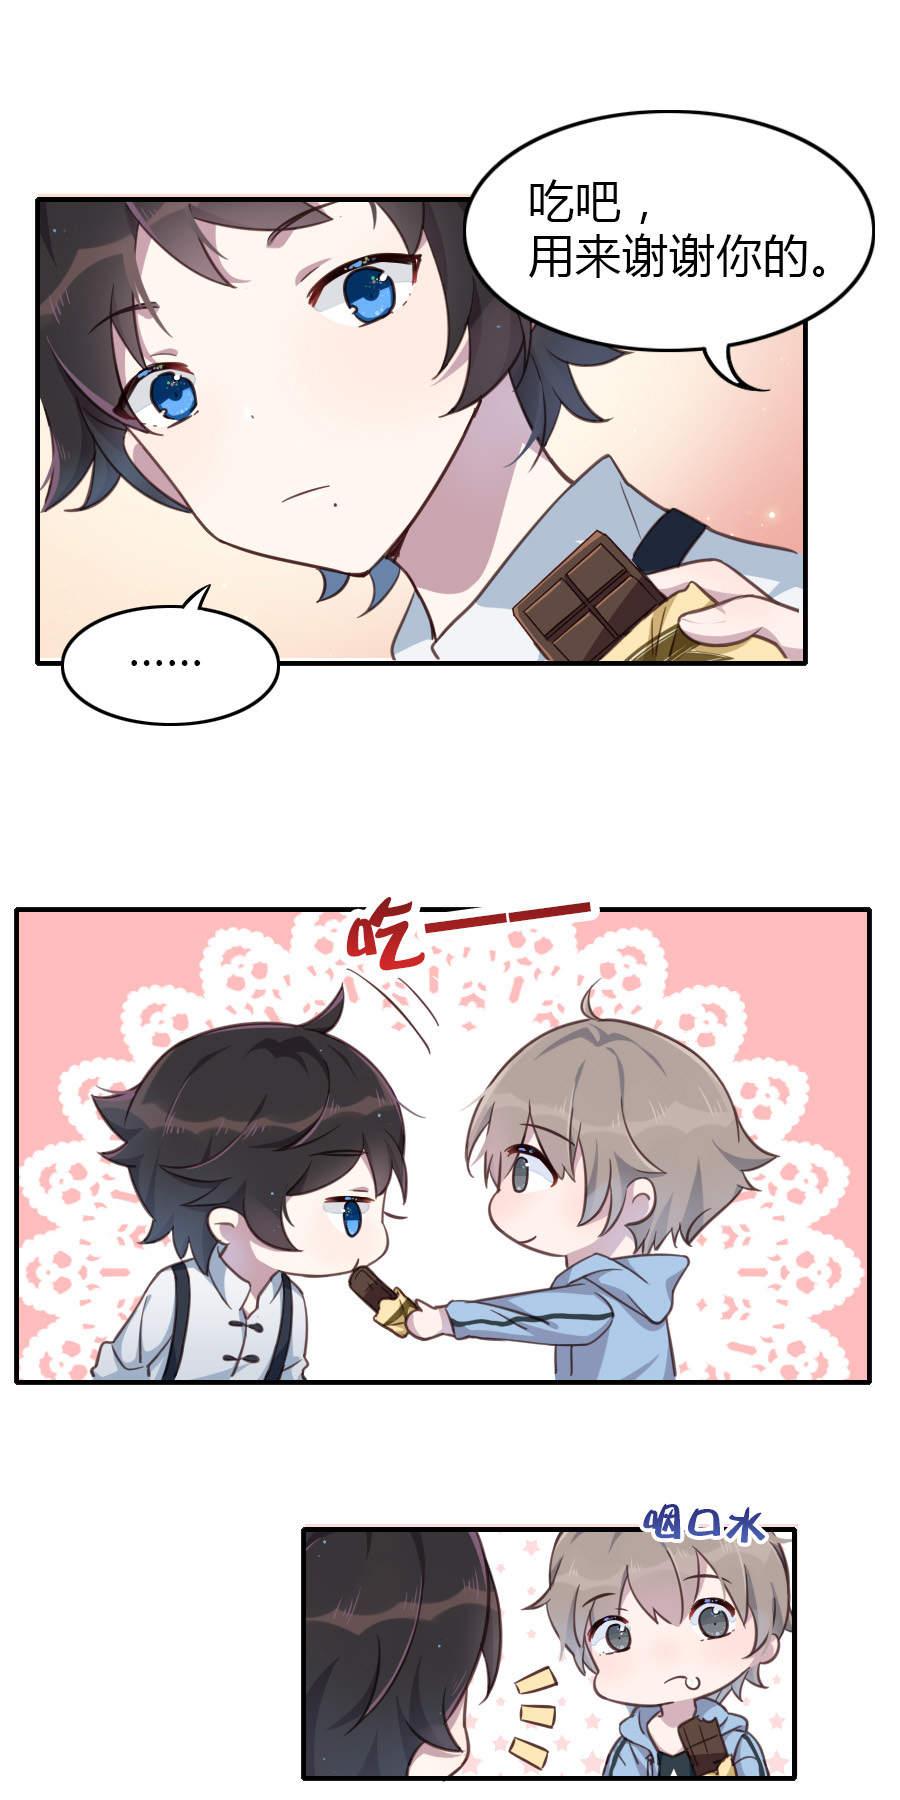 少年游第17话  障妖 正太巧克力 第 23